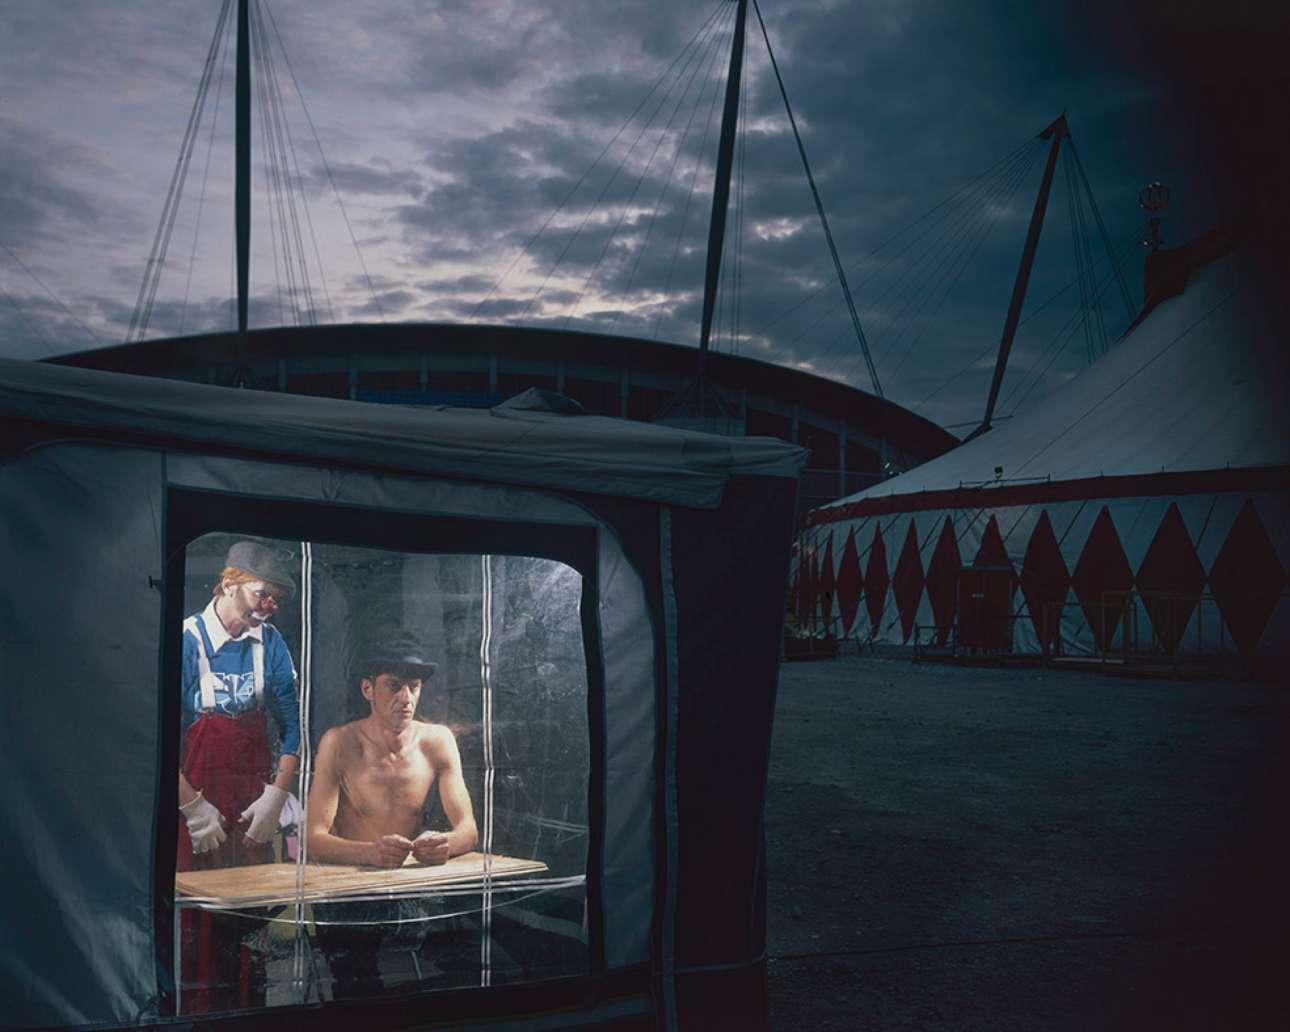 Οι κλόουν Βαλεντίνα Ρουμιαντσέβα και Βαλέρι Κάσκιν του Κρατικού Τσίρκου Μόσχας αναμένουν την άφιξη του κοινού, στο στάδιο του Μάντσεστερ, το 2009